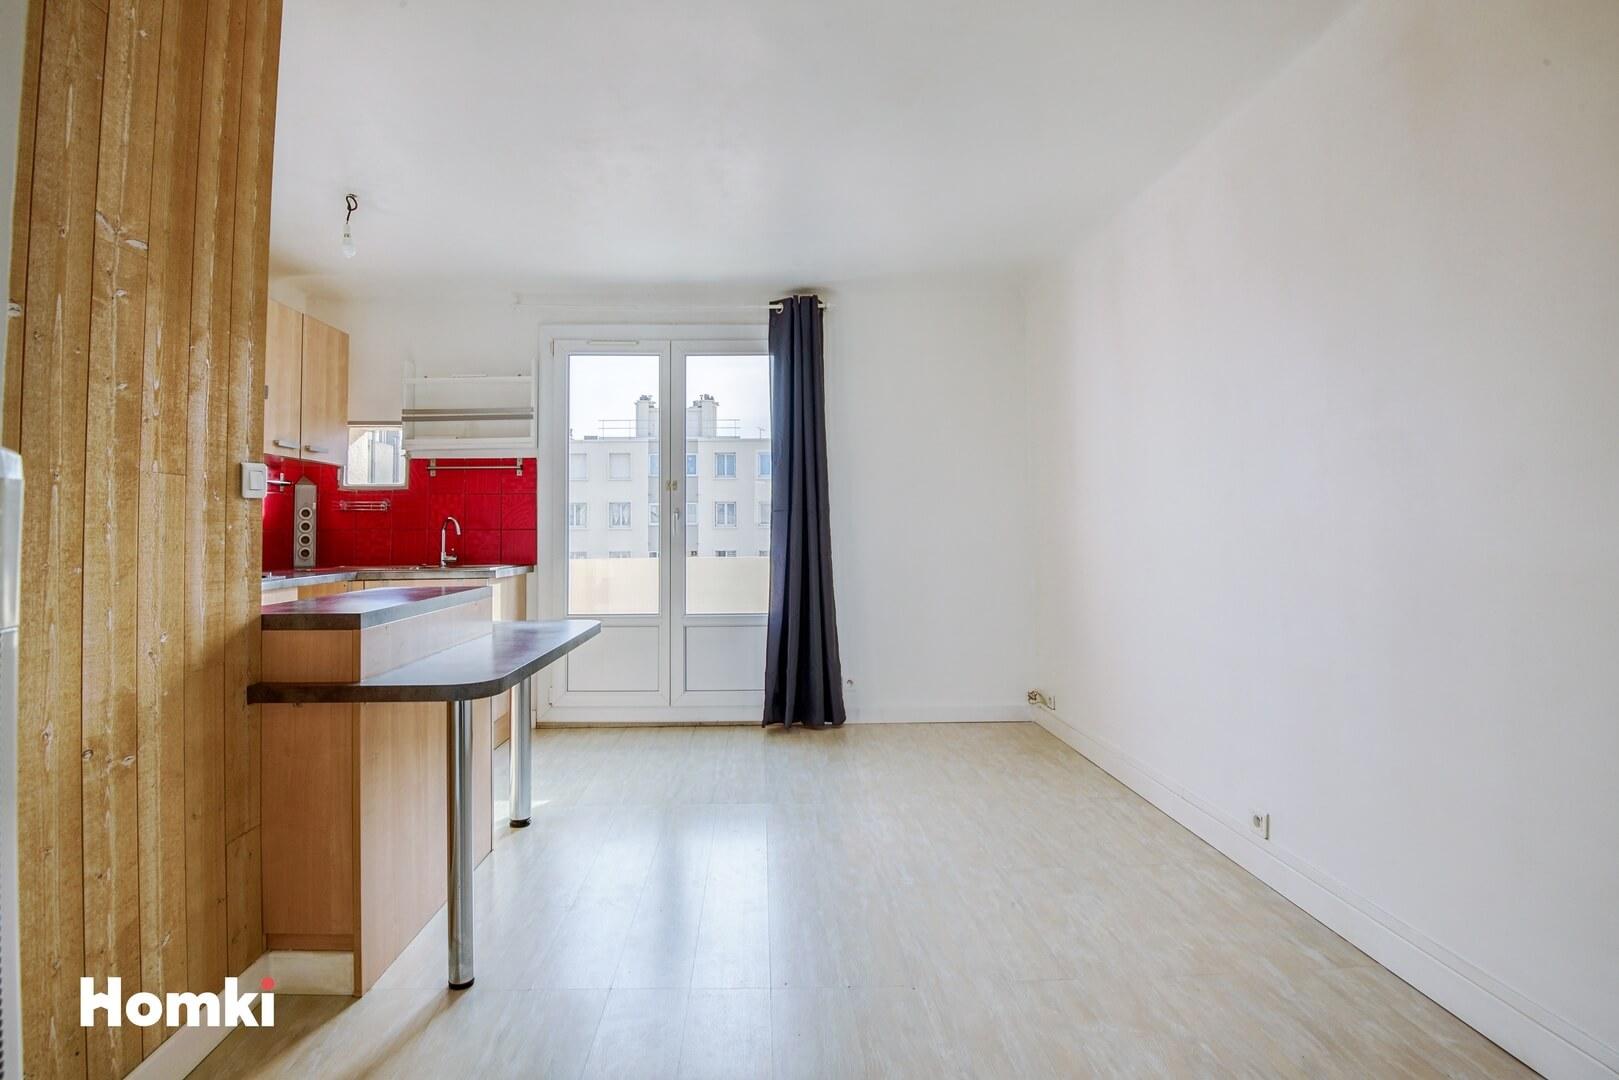 Homki - Vente Appartement  de 36.0 m² à Marseille 13004